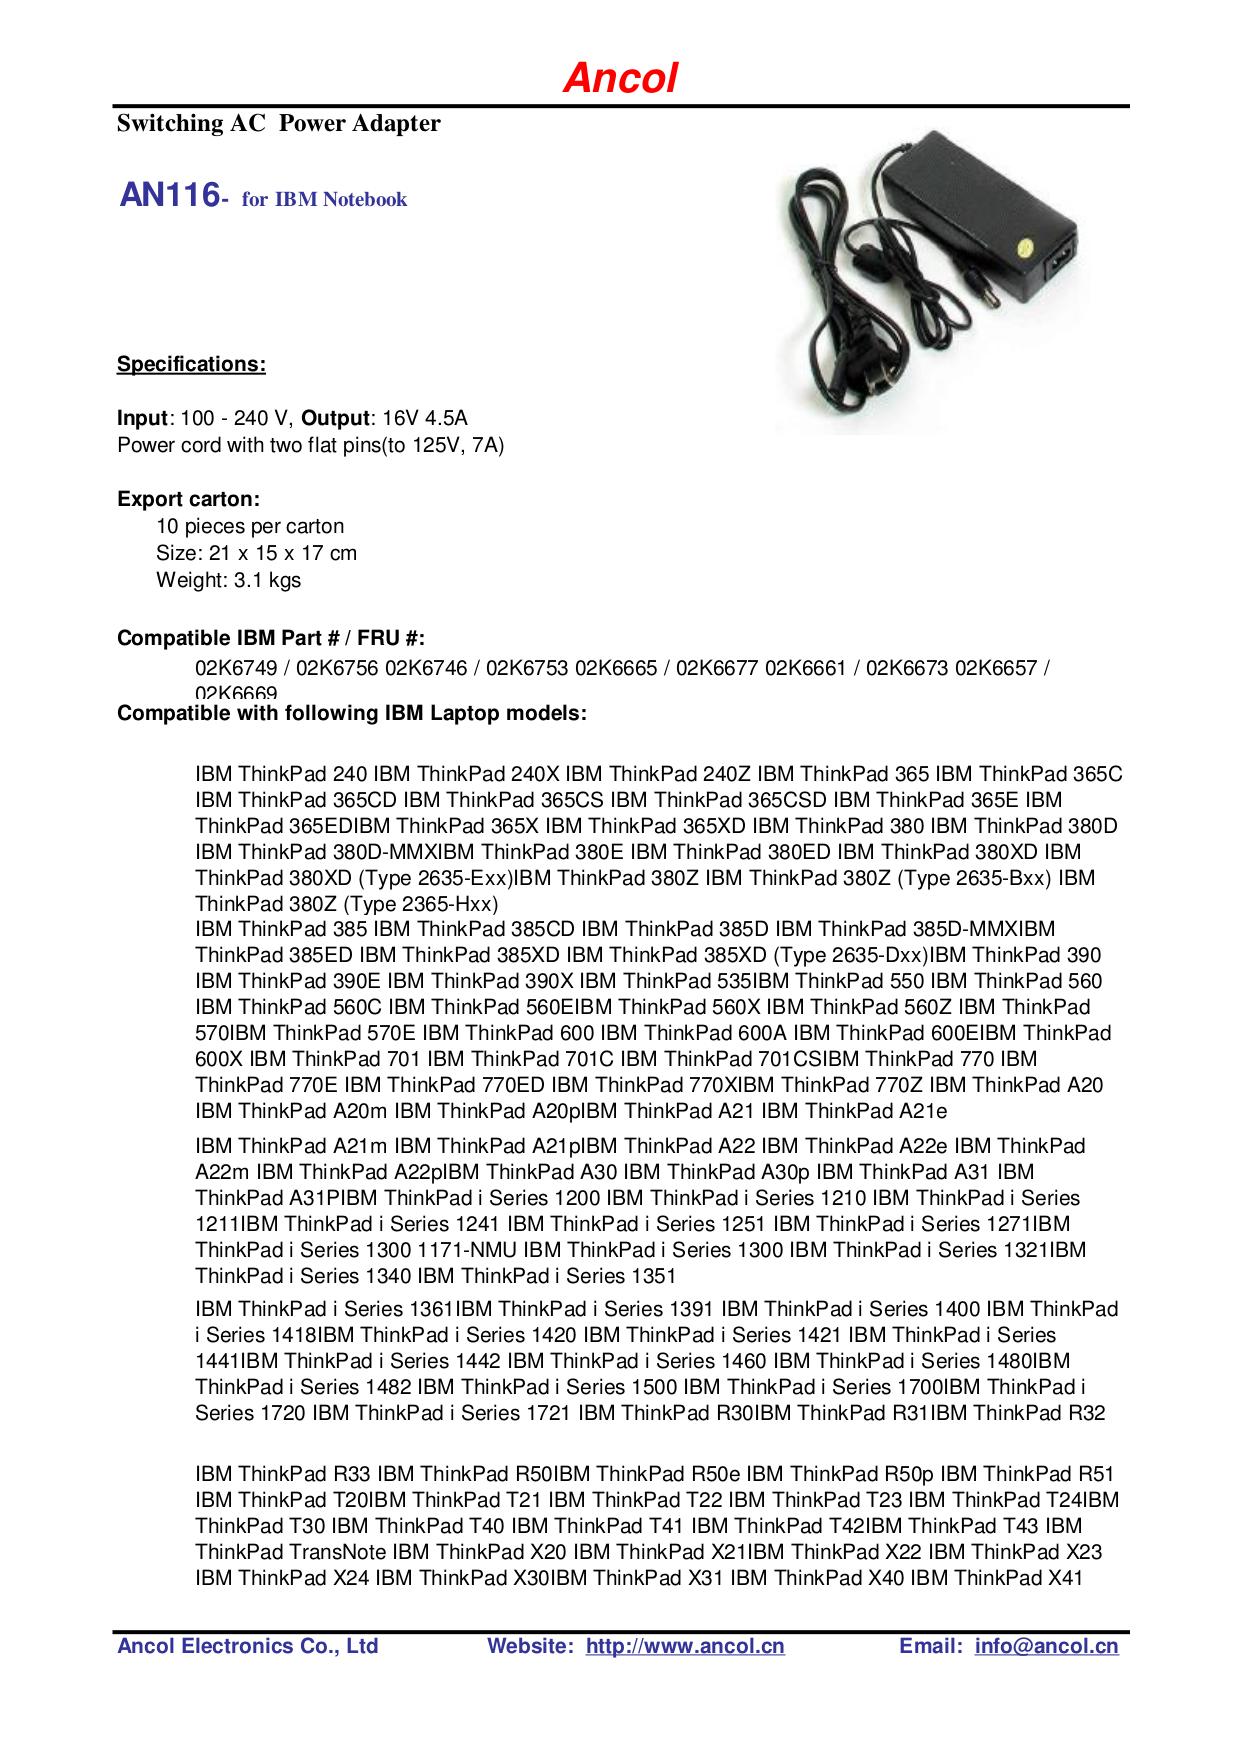 pdf for IBM Laptop ThinkPad i Series 1500 manual